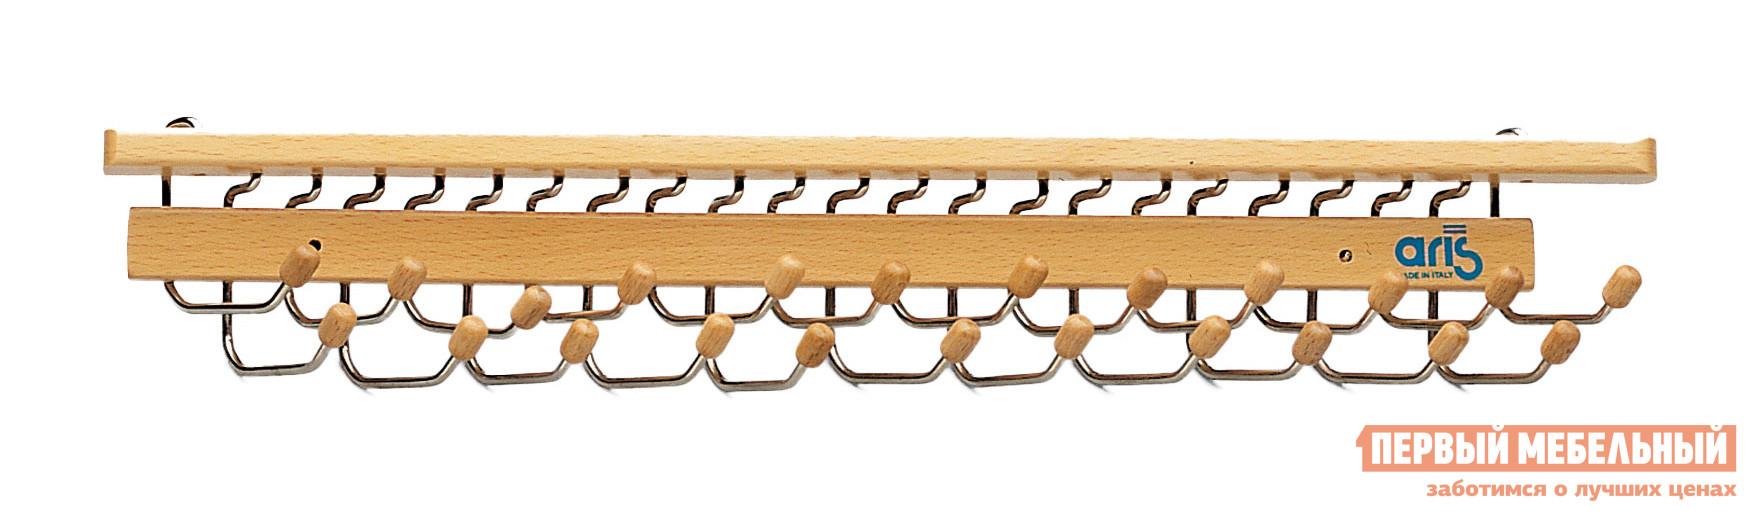 Настенная вешалка Aris Brummel 417/23 Светлое деревоНастенные вешалки<br>Габаритные размеры ВхШхГ x400x330 мм. Удобная вешалка для галстуков и ремней.  Теперь галстуки не будут мяться и их не надо искать.  Вешалку можно расположить как на стене, так и на дверце шкафа. Модель имеет 23 крючка. Основание и наконечники выполнены из натурального бука, крючки — сталь.<br><br>Цвет: Светлое дерево<br>Цвет: Светлое дерево<br>Ширина мм: 400<br>Глубина мм: 330<br>Кол-во упаковок: 1<br>Форма поставки: В собранном виде<br>Срок гарантии: 3 месяца<br>Материал: Деревянные, Из натурального дерева<br>Порода дерева: из бука